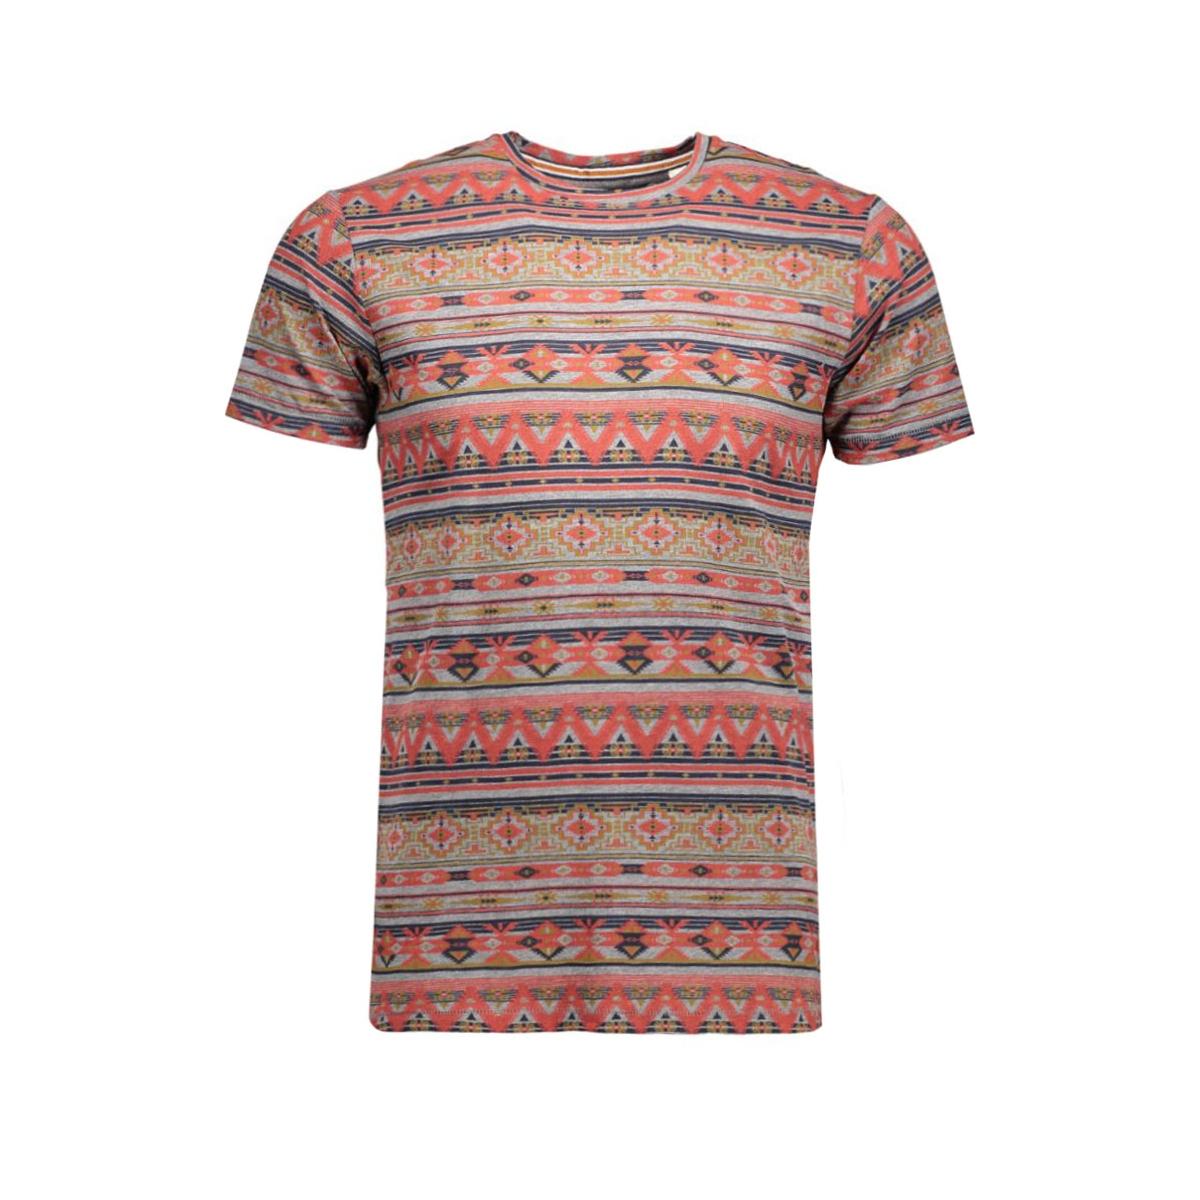 096ee2k014 esprit t-shirt e035